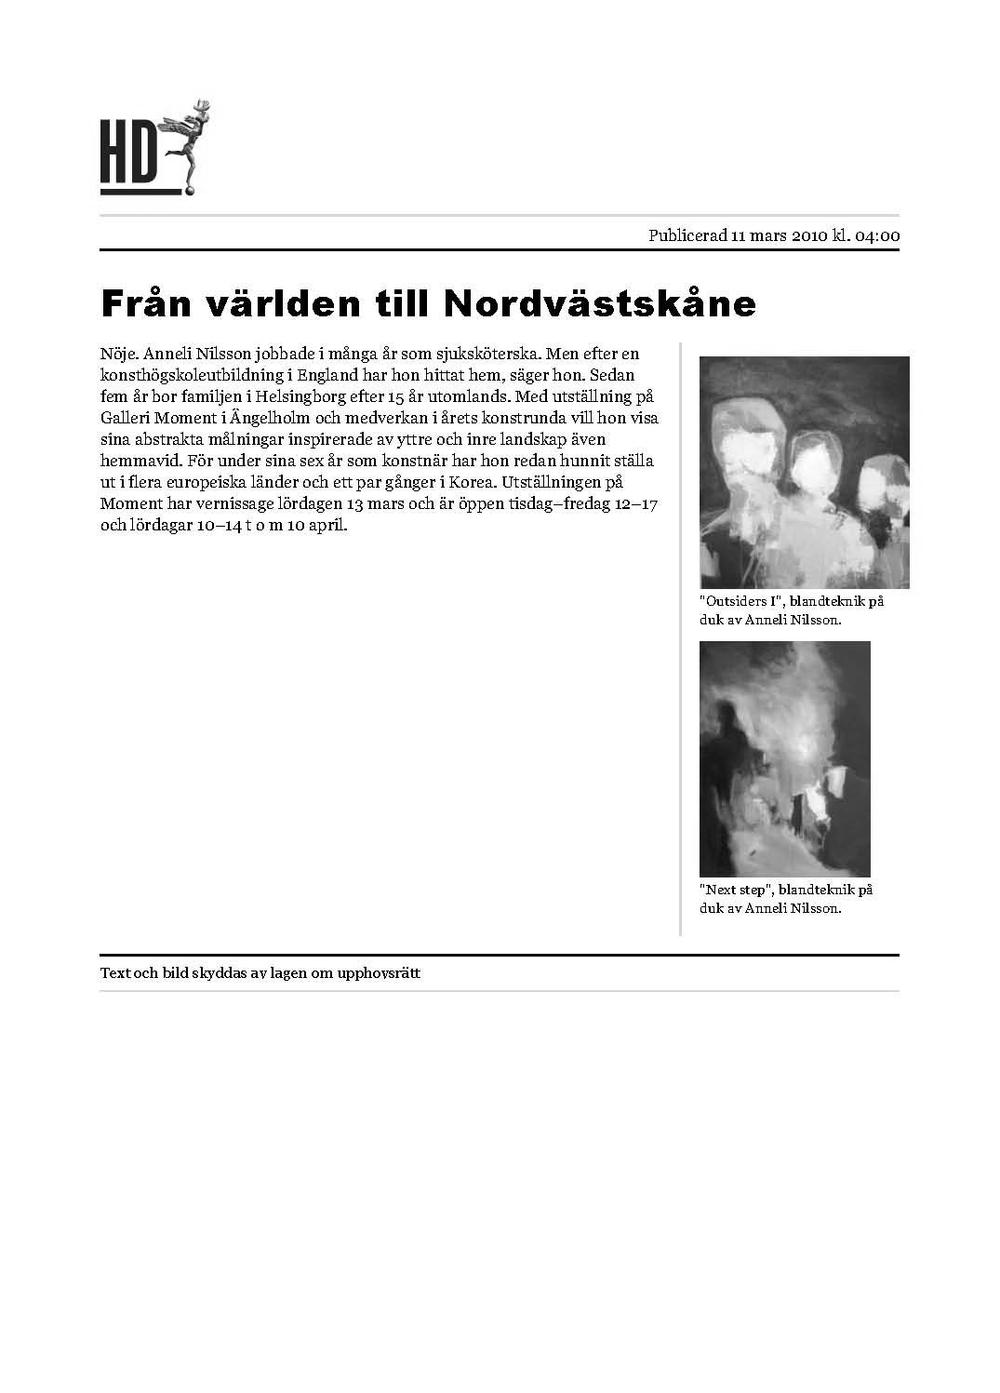 Fran varlden till Nordvastskane - hd.se.jpg